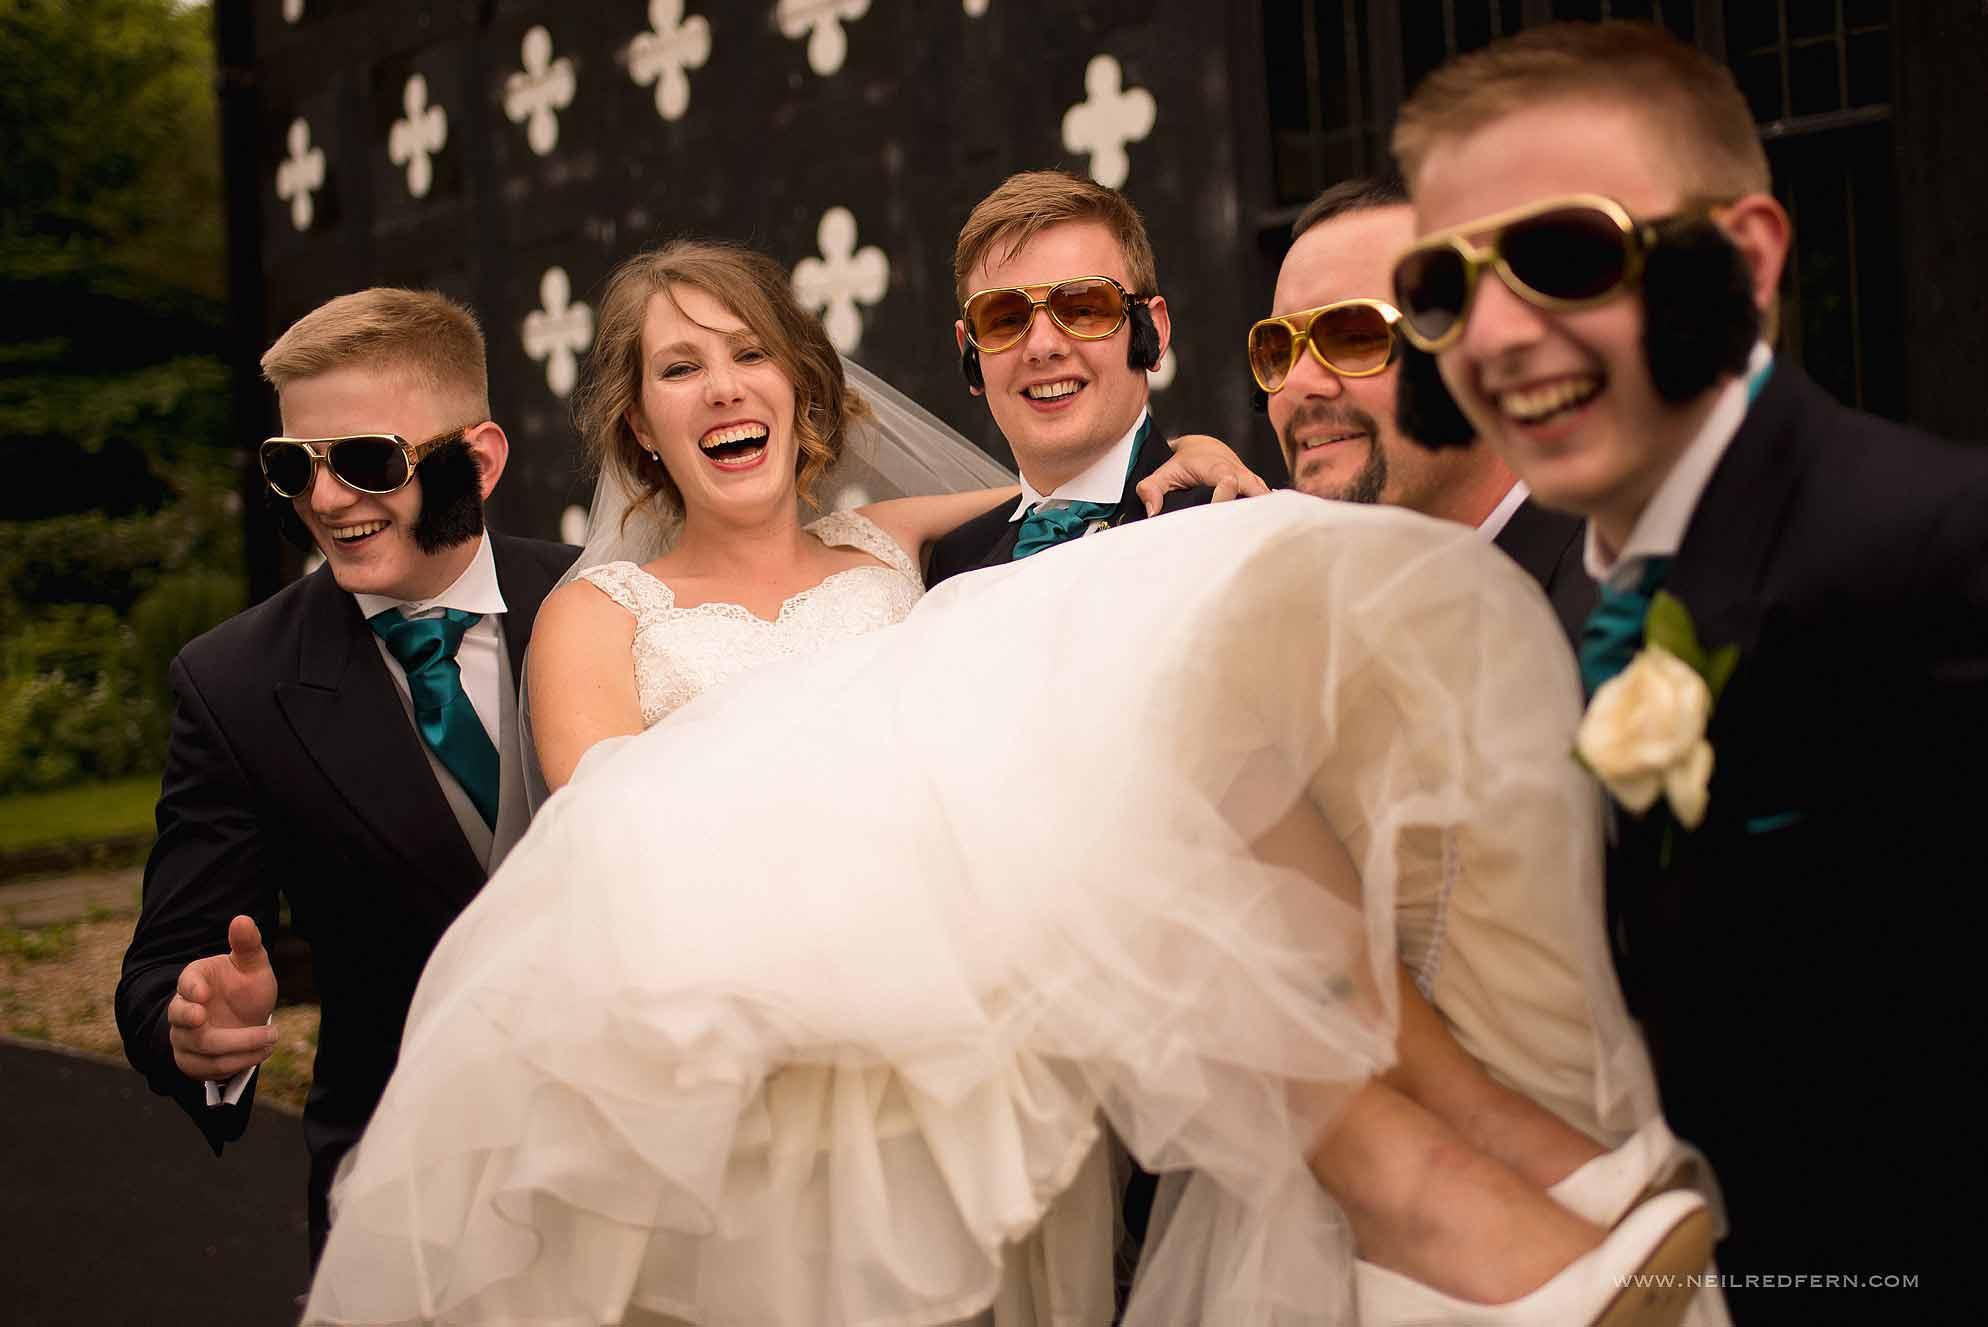 groomsmen picking up bride